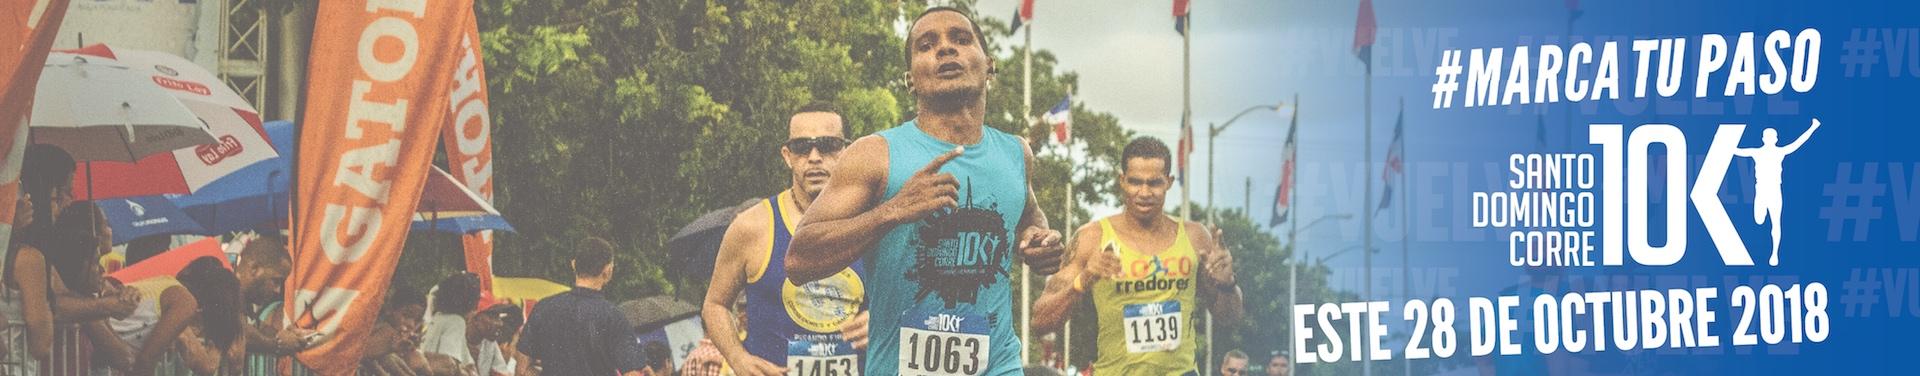 Santo Domingo Corre 10K 2018 - SDC10K 2018